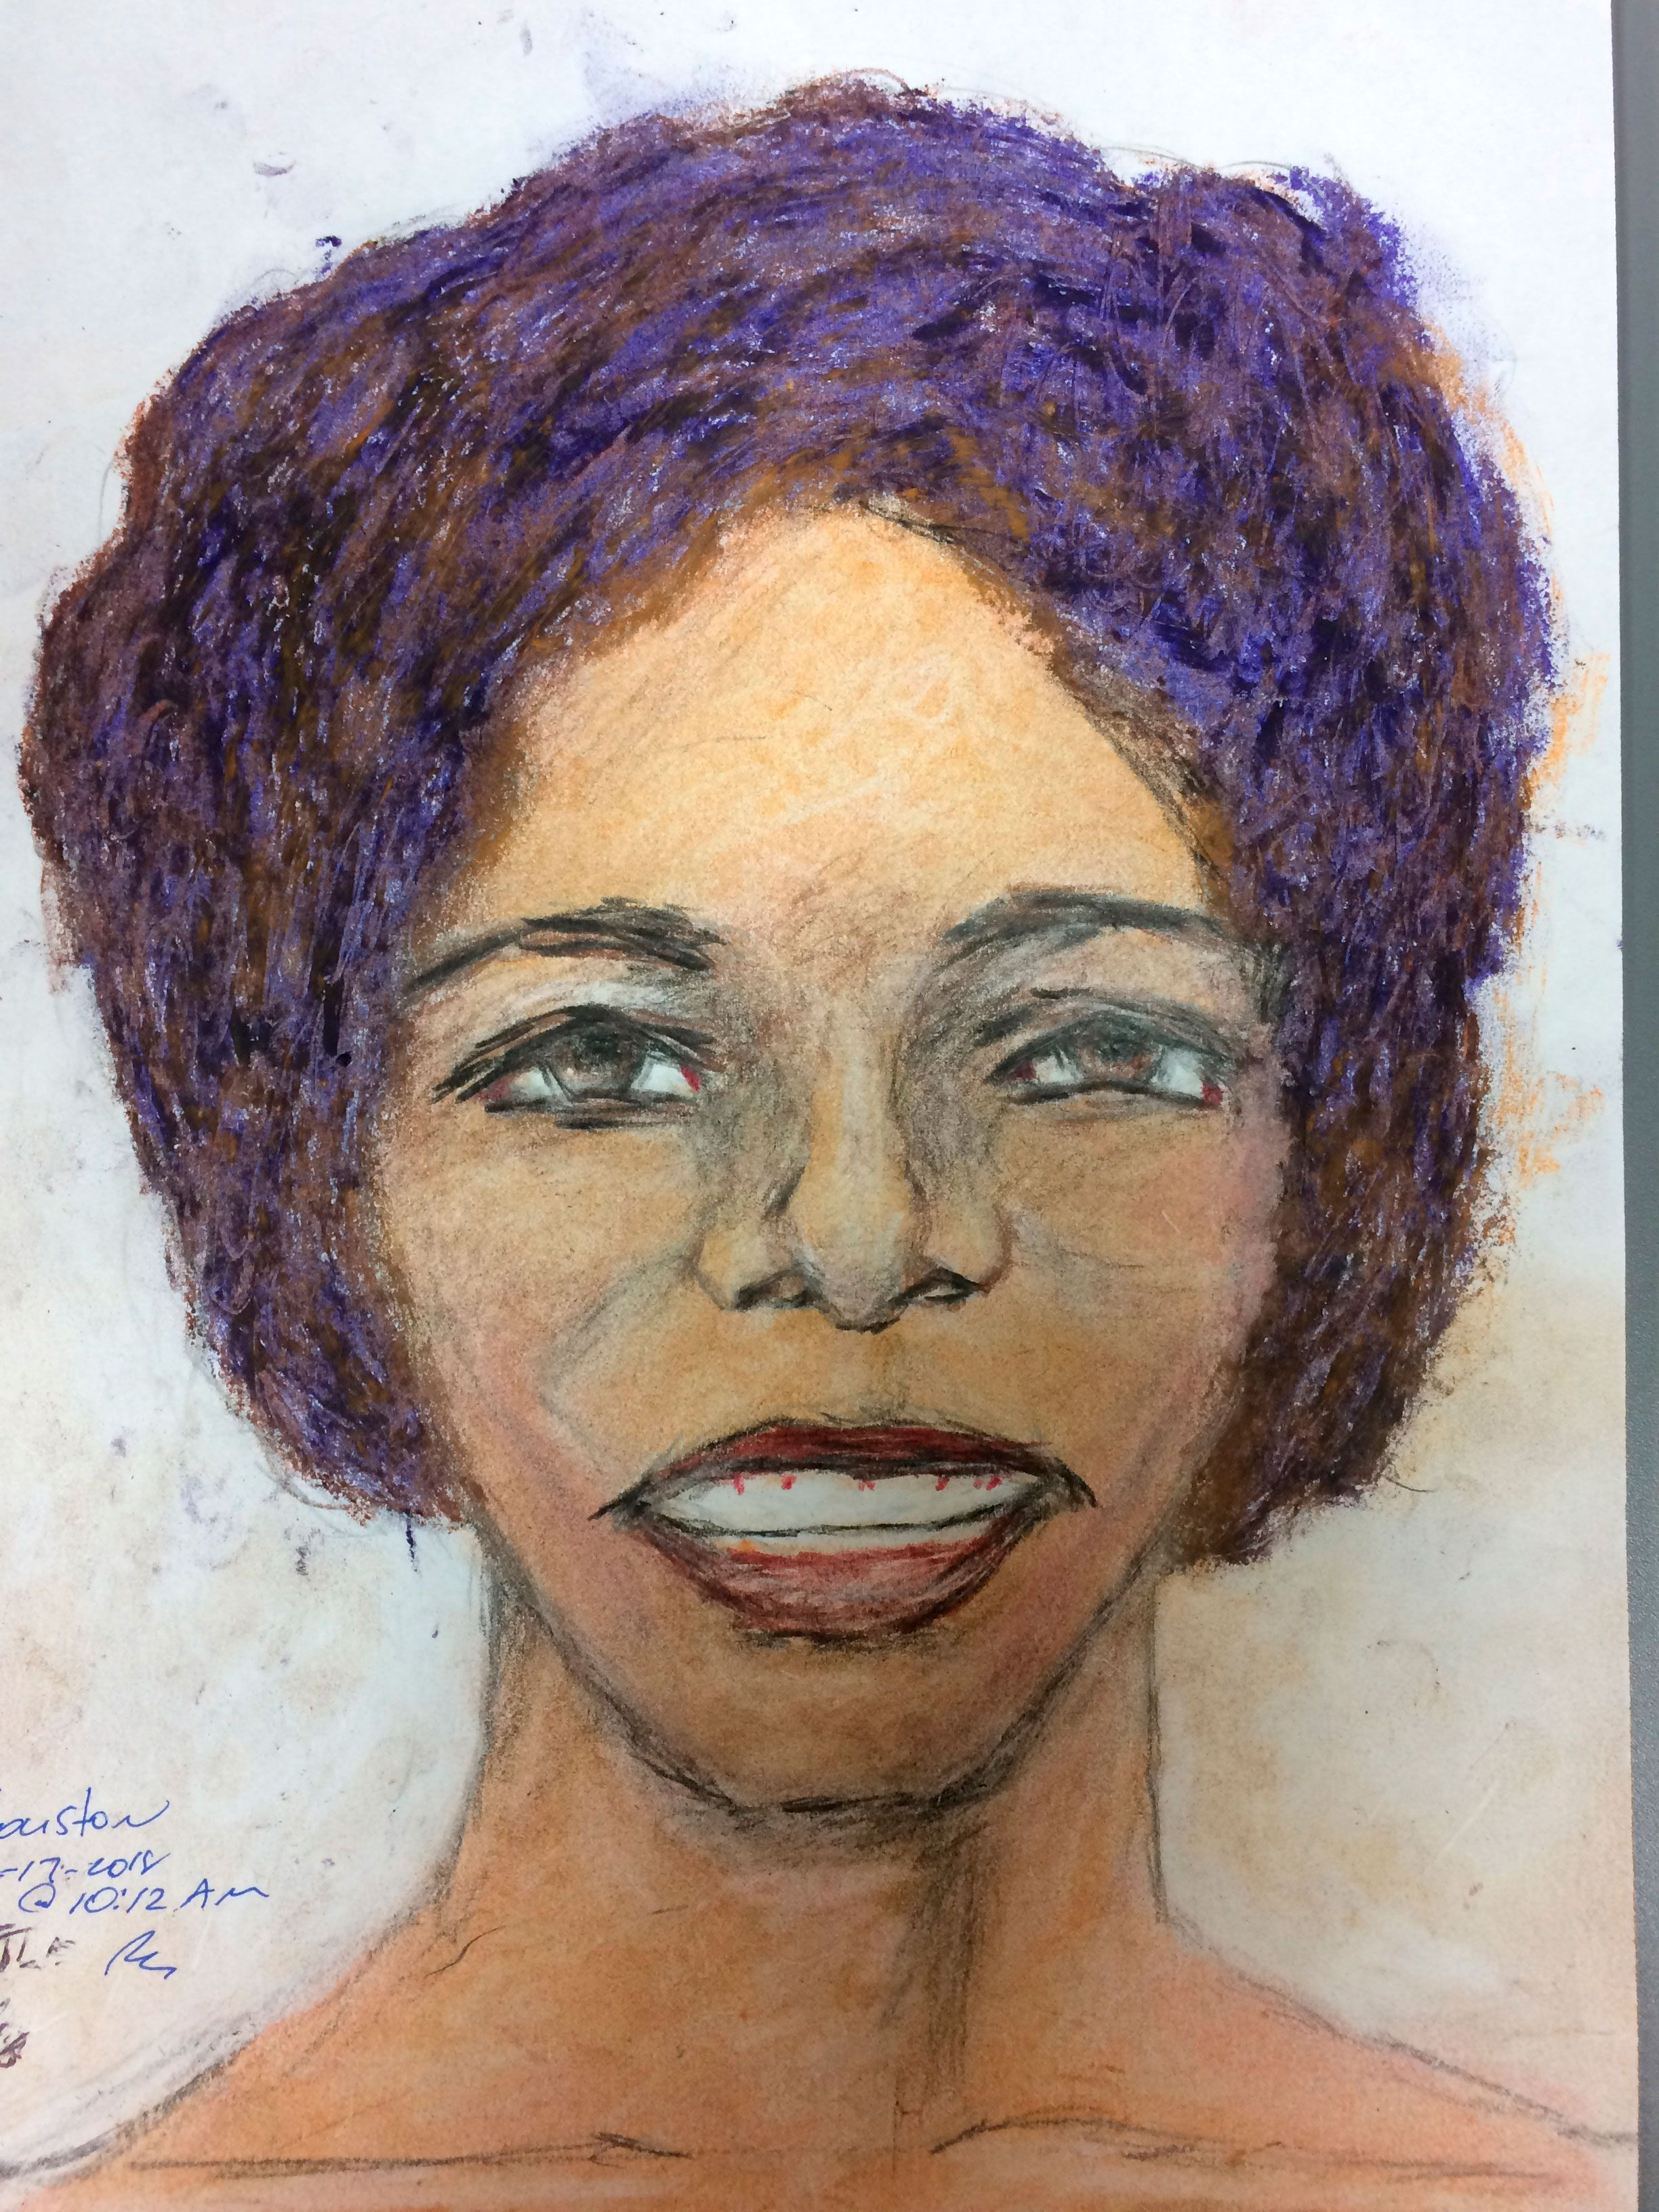 Caso en Houston, Texas. Mujer de entre 25 y 28 años. No recordaba si la asesinó en 1976, 1979 o 1993 (FBI)